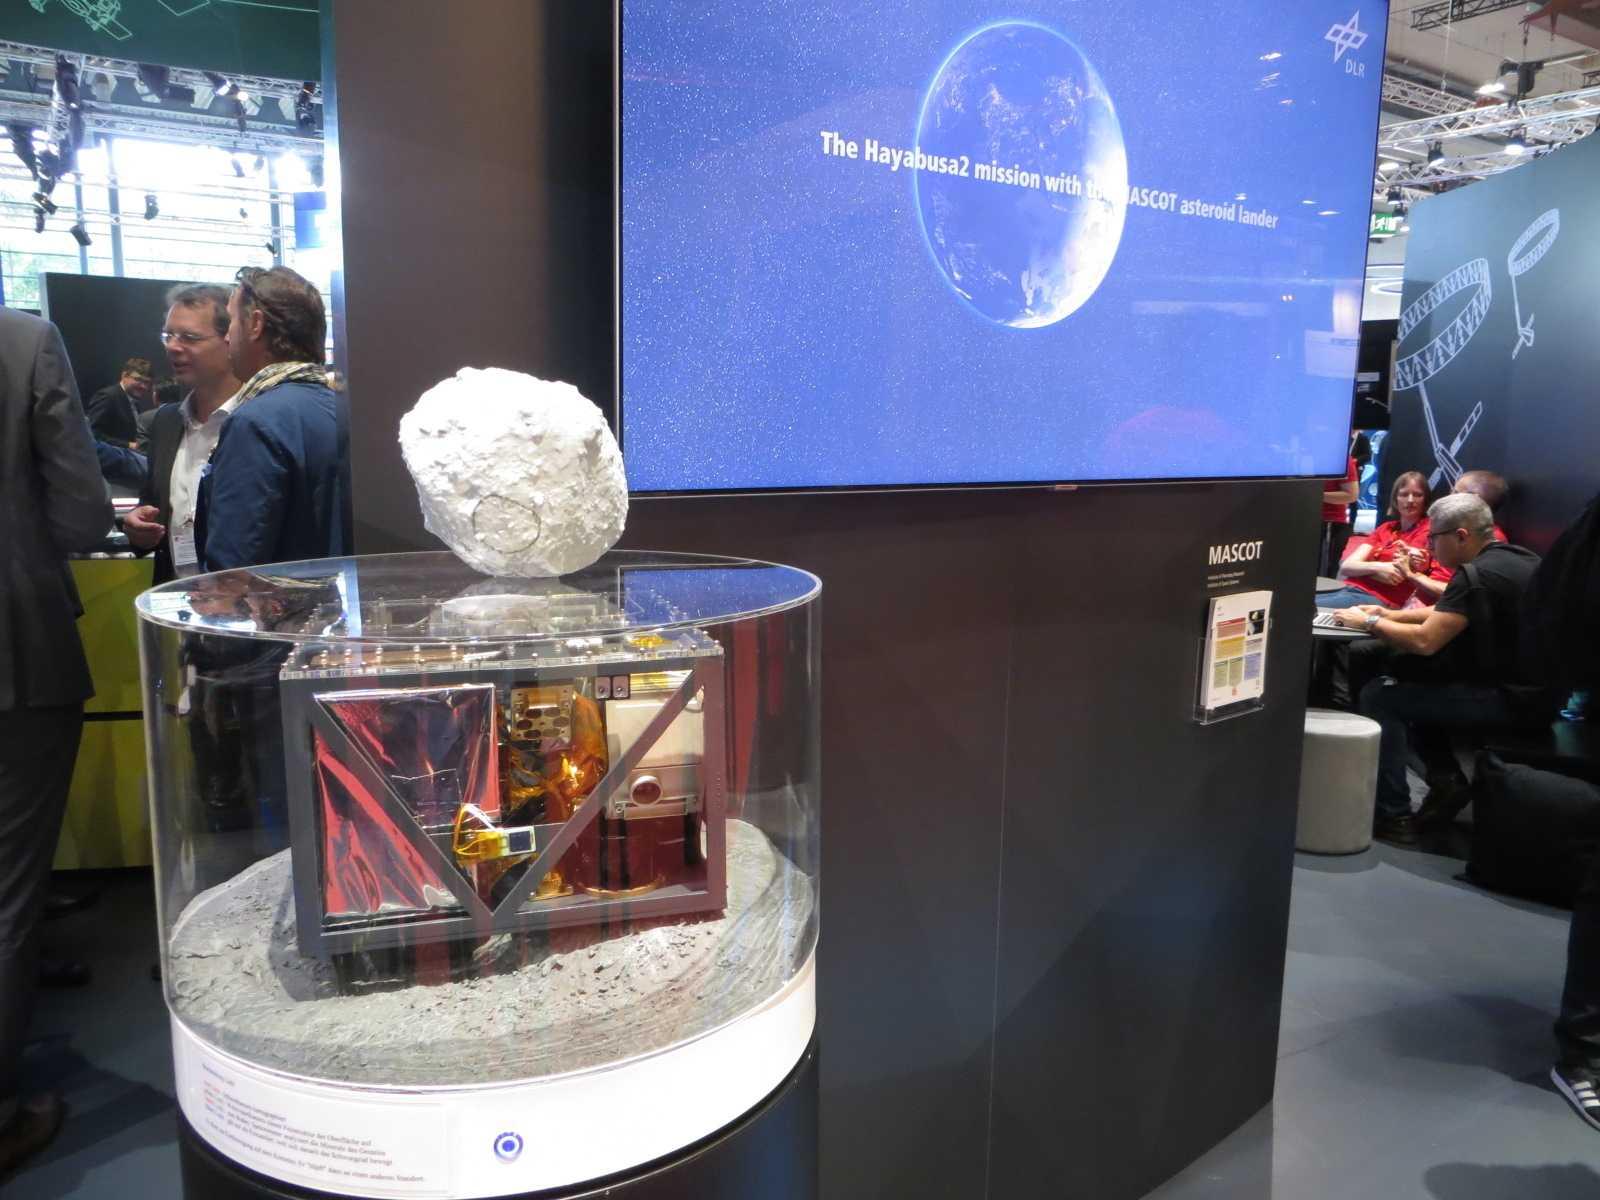 Am Stand des DLR lässt sich an diesem Modell des Landers Mascot (Originalgröße) nachvollziehen, wie die Sensoren und die Sprungtechnik arbeiten. Auf dem Modell von Ryugu ist mit einem schwarzen Kreis das Landegebiet markiert.